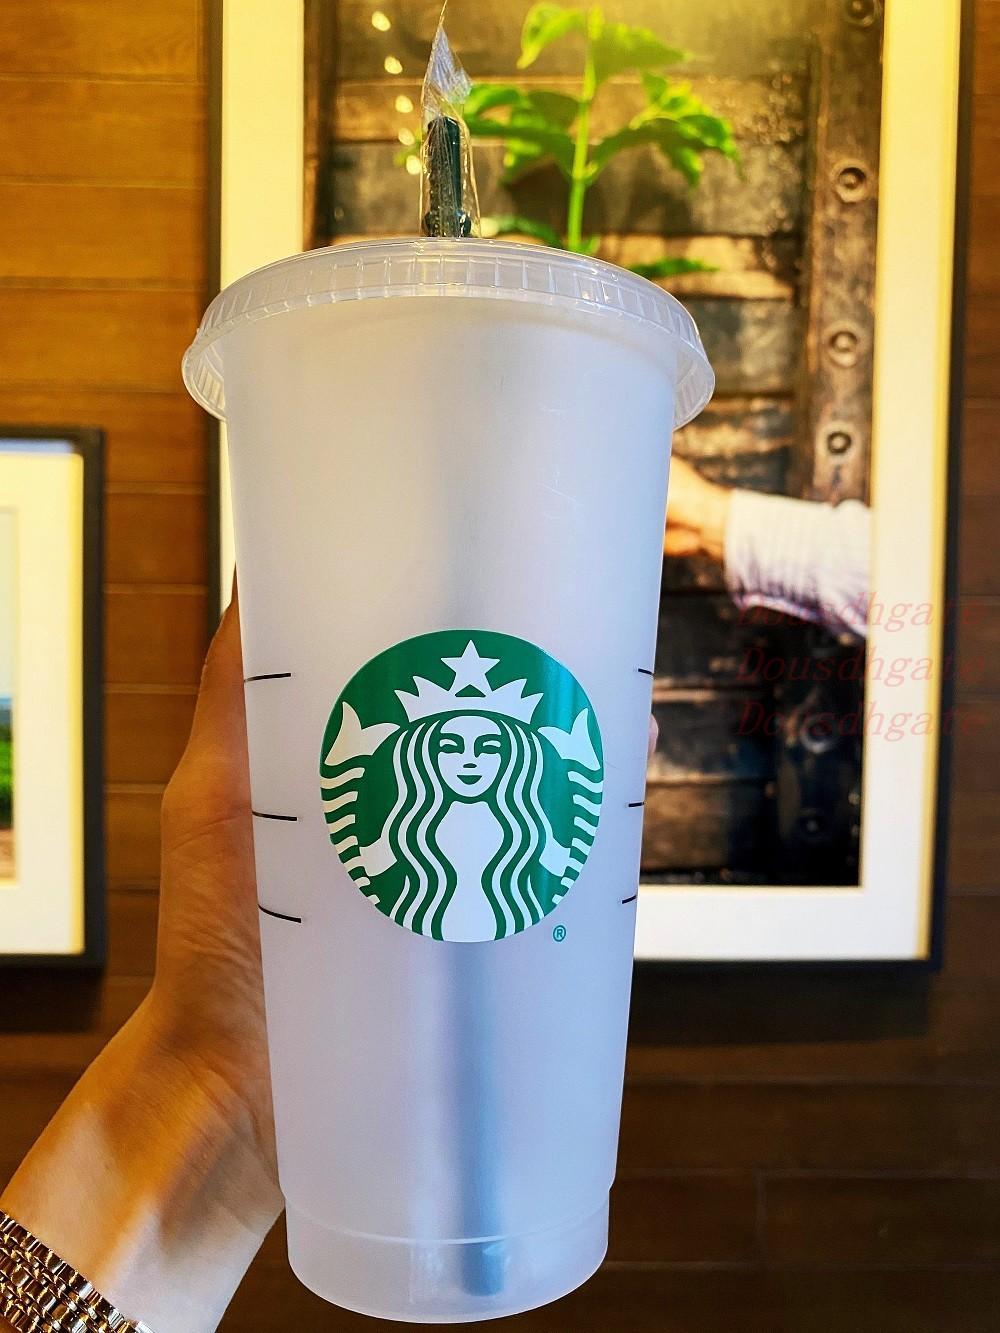 인어 여신 Starbucks 24oz / 710ml 플라스틱 머그잔 텀블러 재사용 가능한 명확한 마시는 평면 바닥 기둥 모양 뚜껑 밀짚 컵 컵